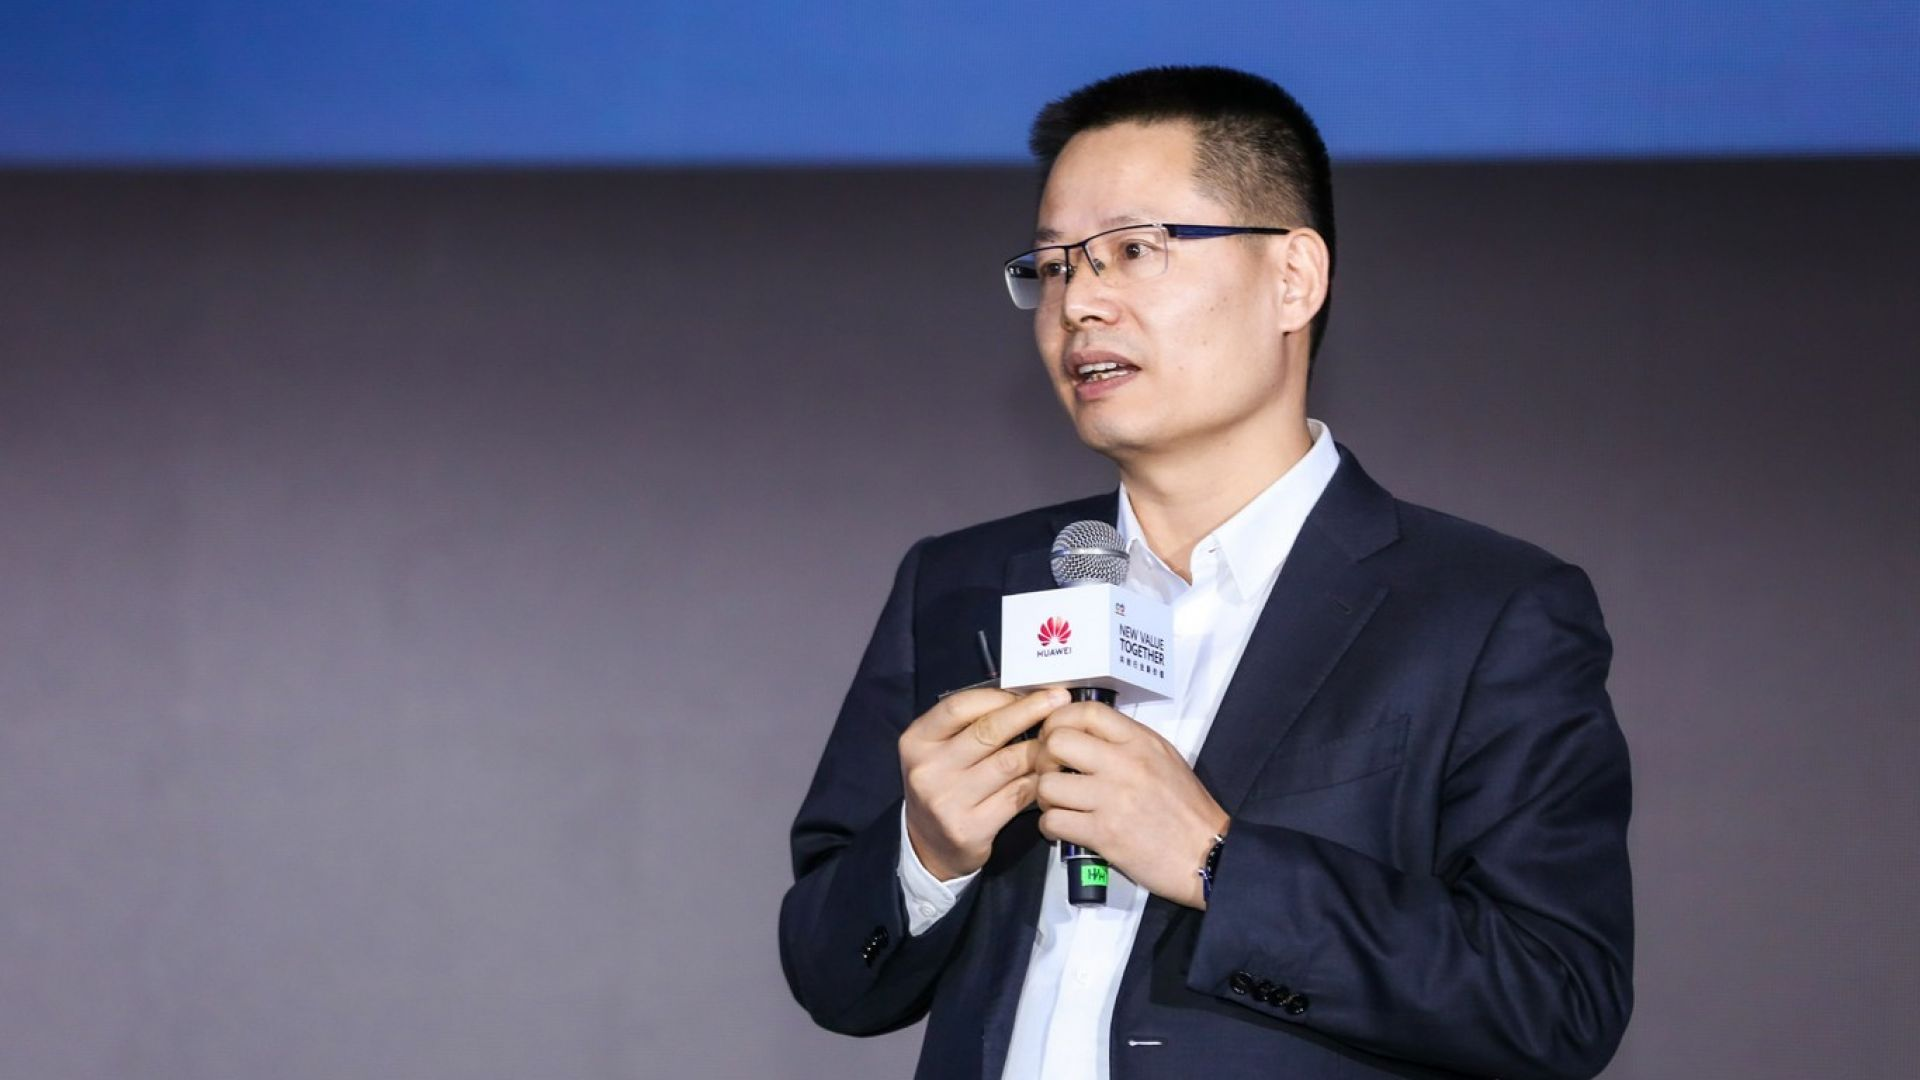 Кевин Ху, президент на продуктовата линия за комуникация на данни на Huawei, обявява пълни подобрения на интелигентното IP мрежово решение на Huawei